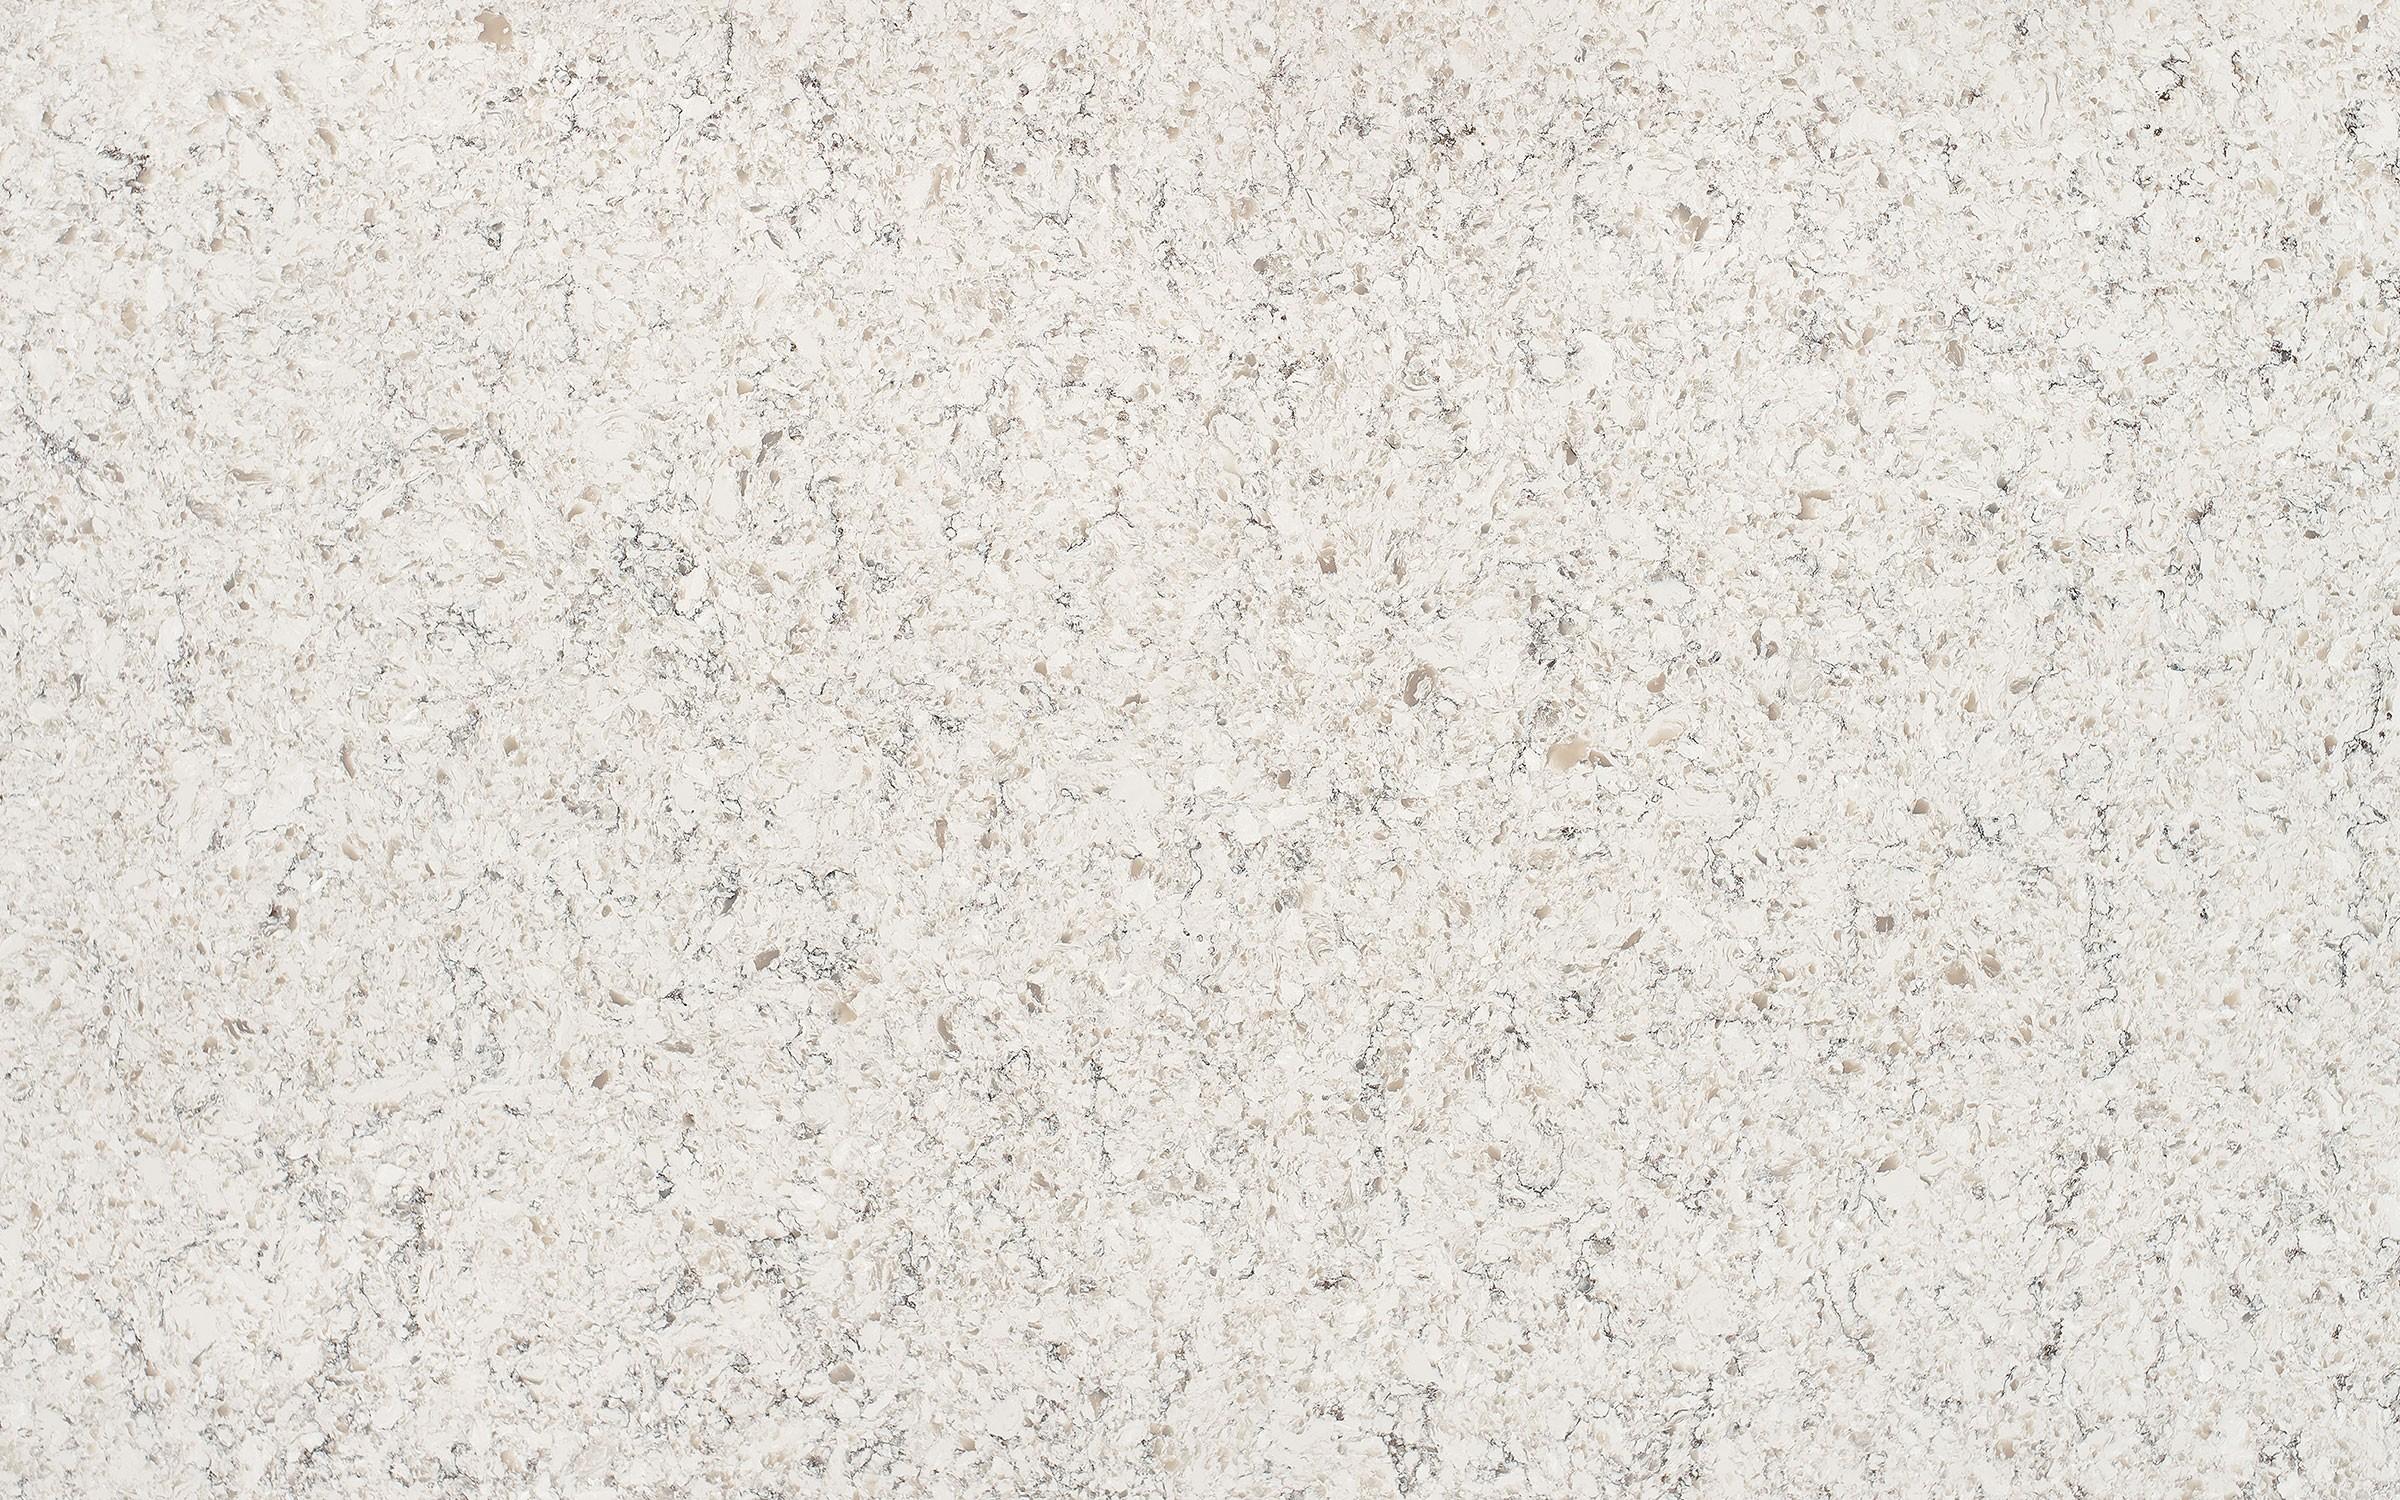 wilsonart quartz gallery quartz slabs countertops st